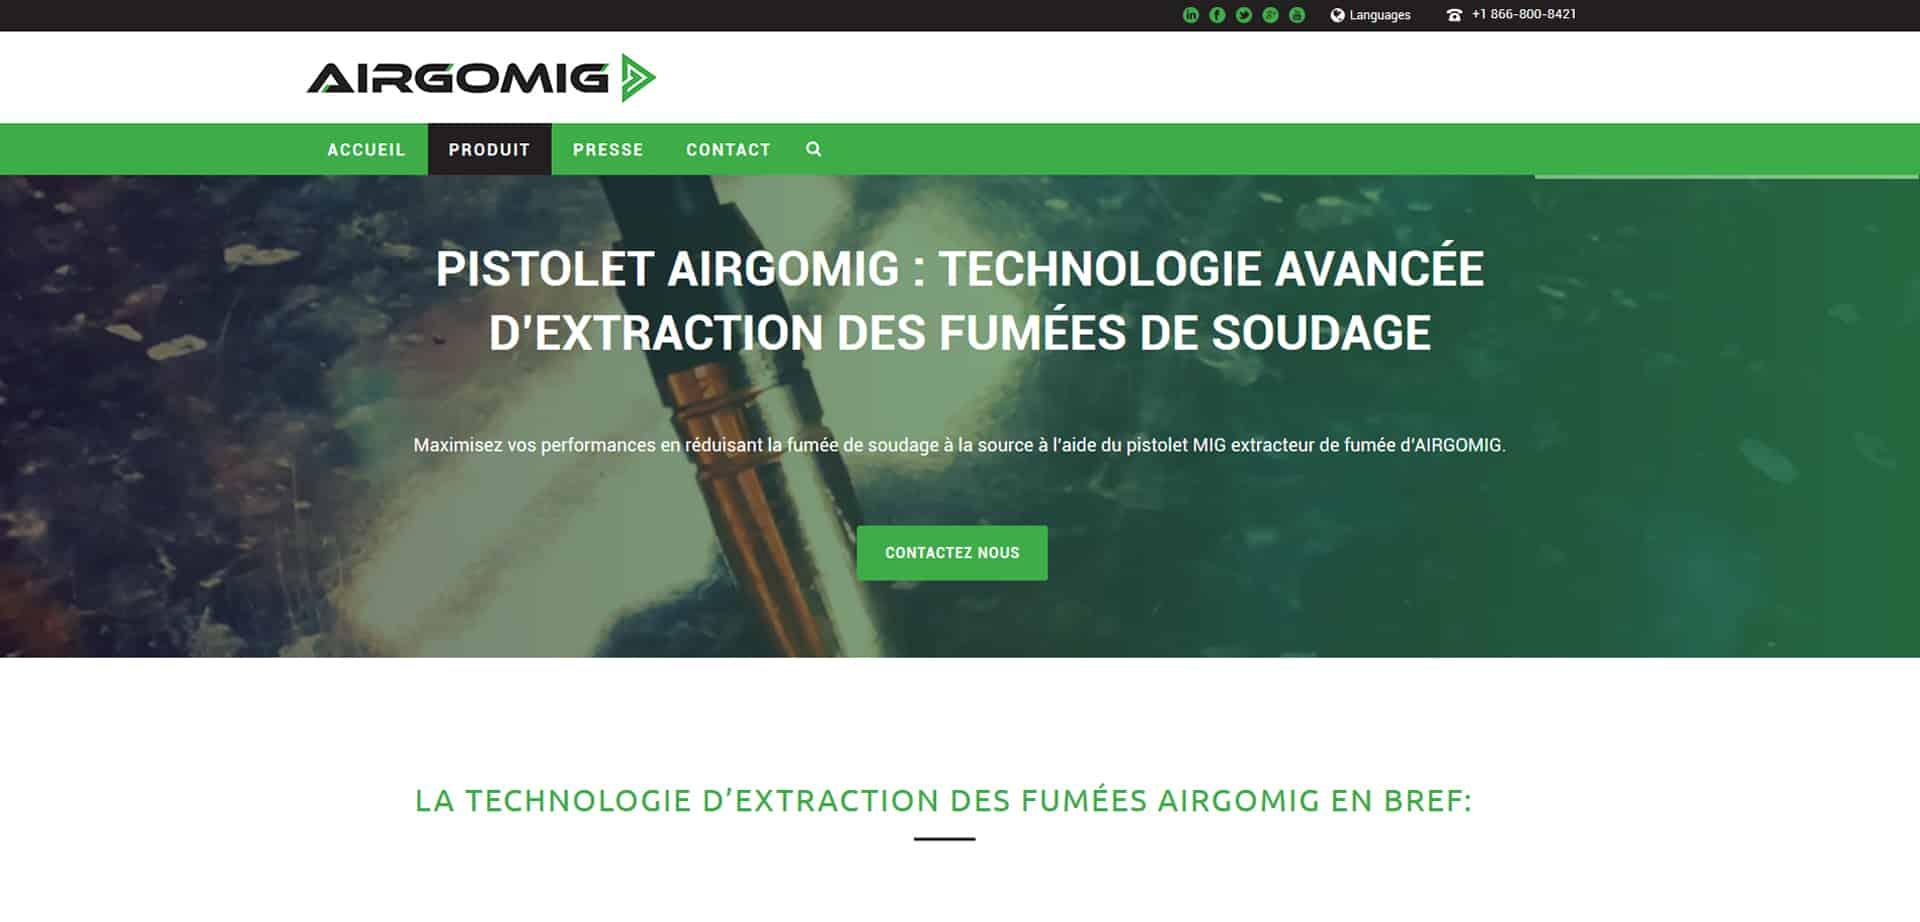 airgomig3.jpg